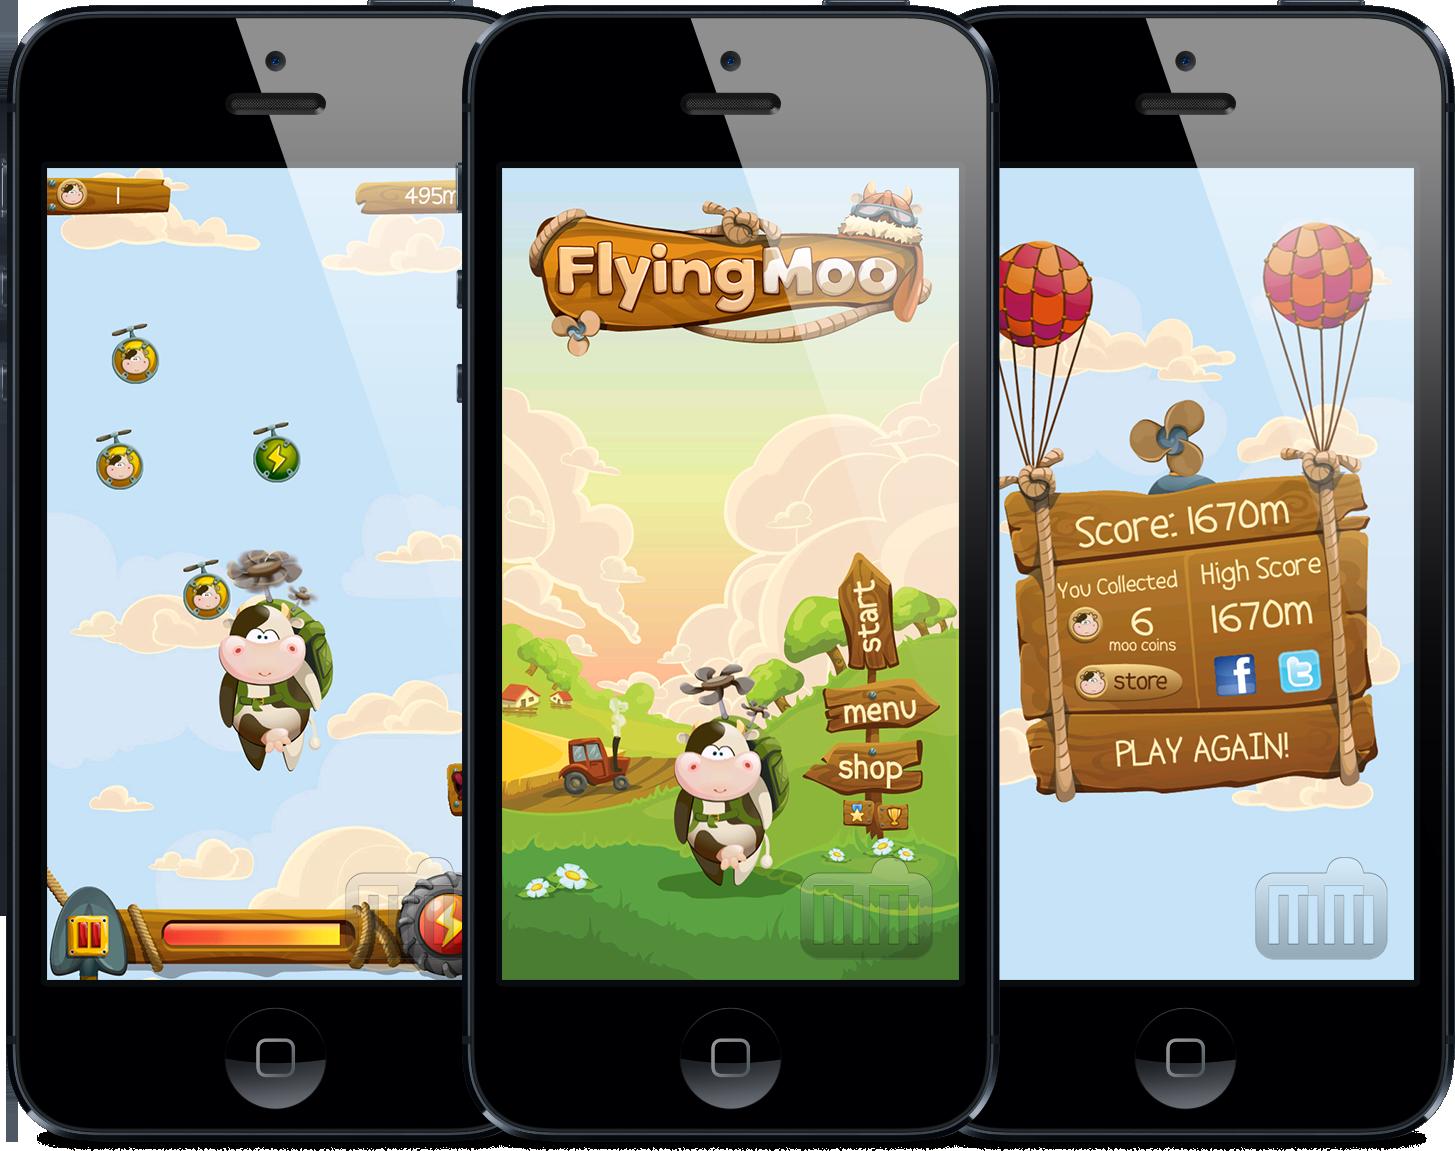 FlyingMoo - iPhones